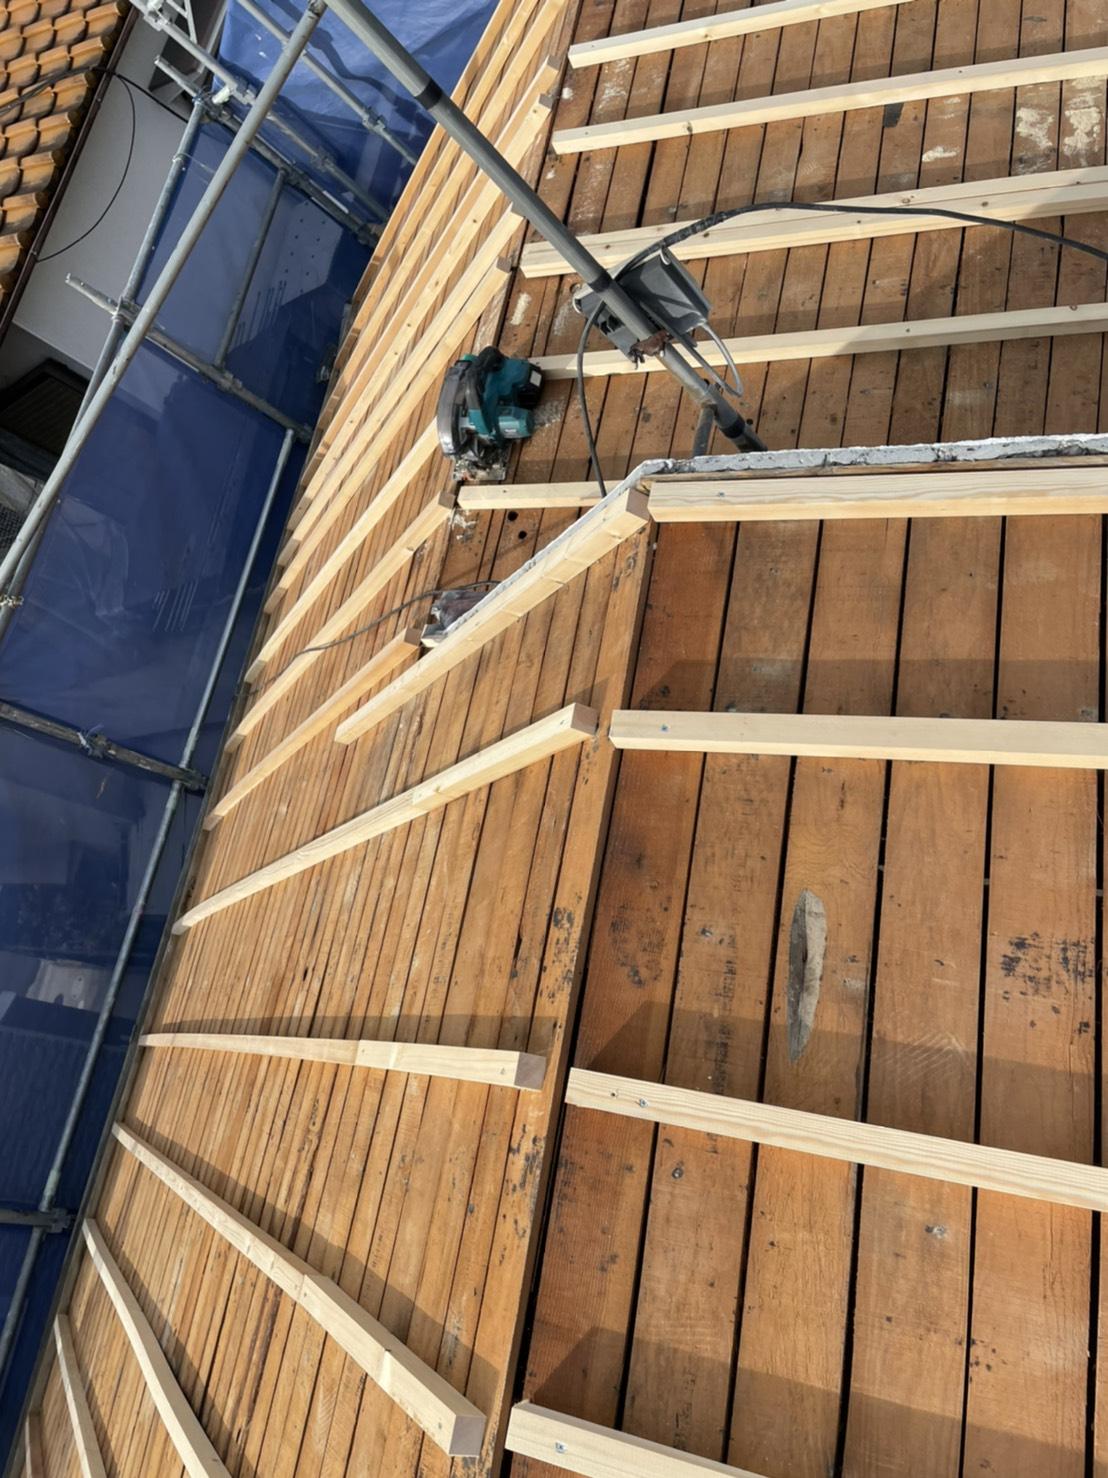 神戸市垂水区での屋根下地工事で垂木を取り付けている様子